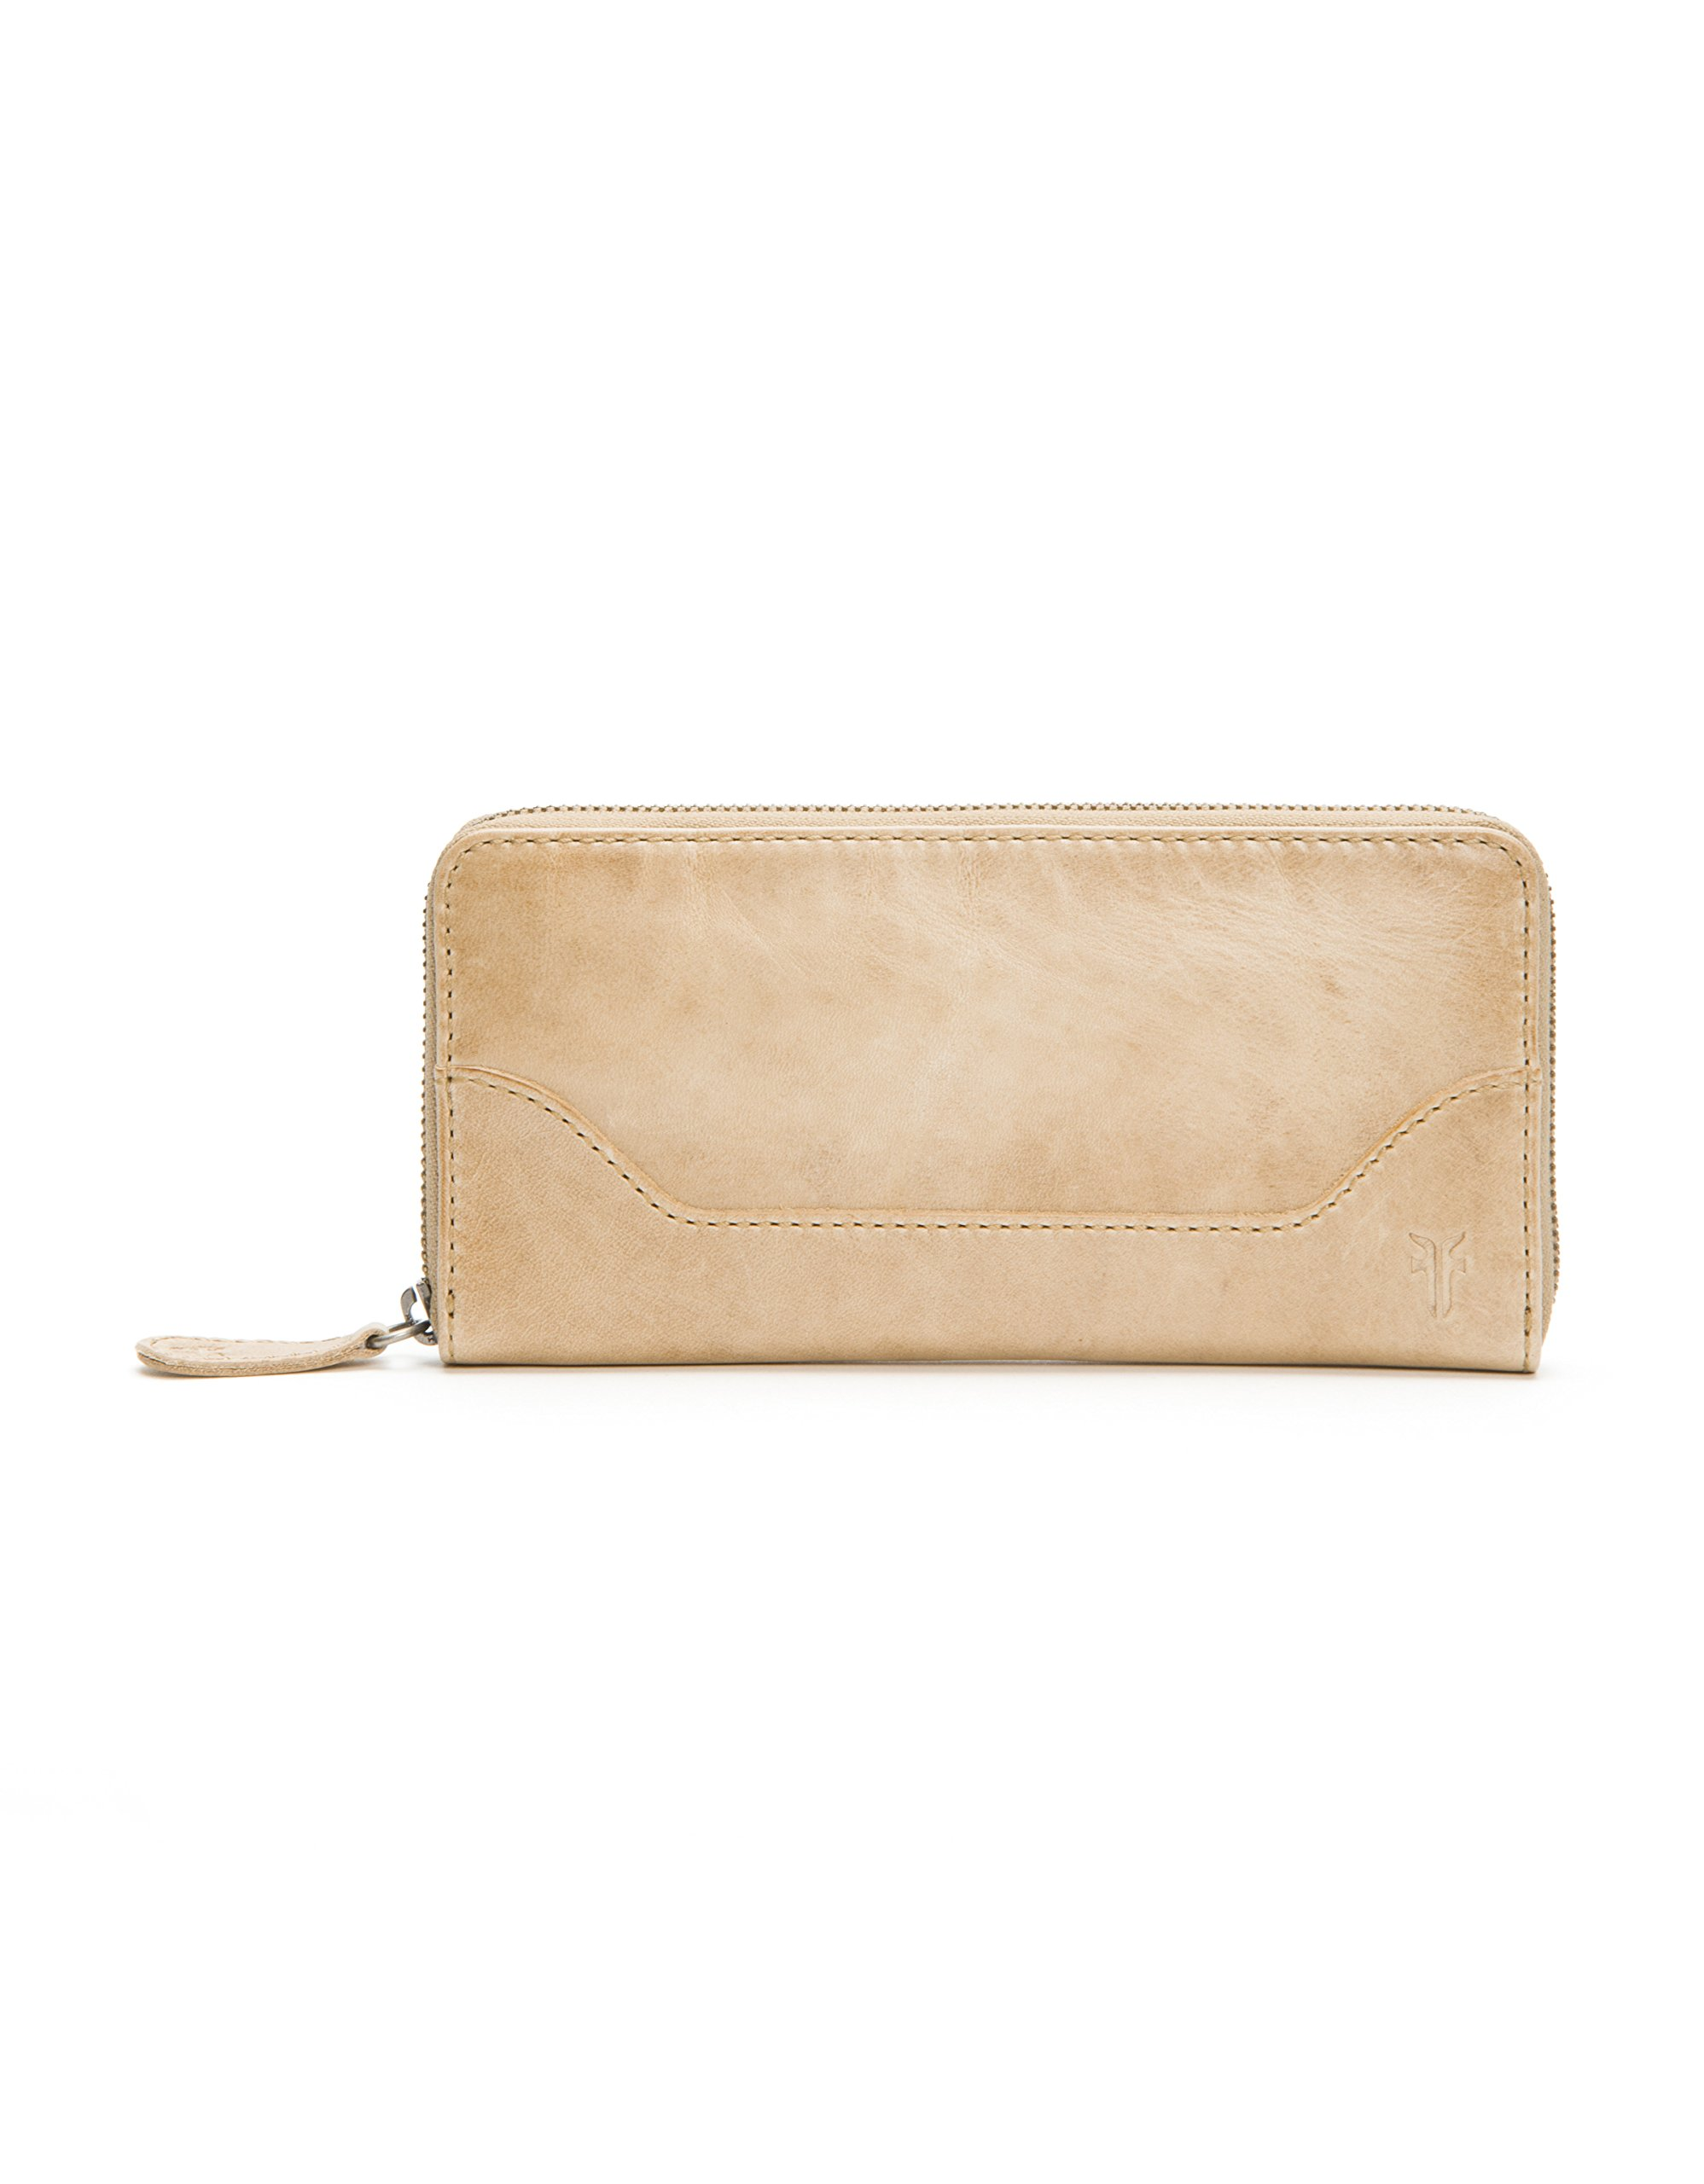 FRYE Women's Melissa Zip Around Leather Wallet, Sand, One Size